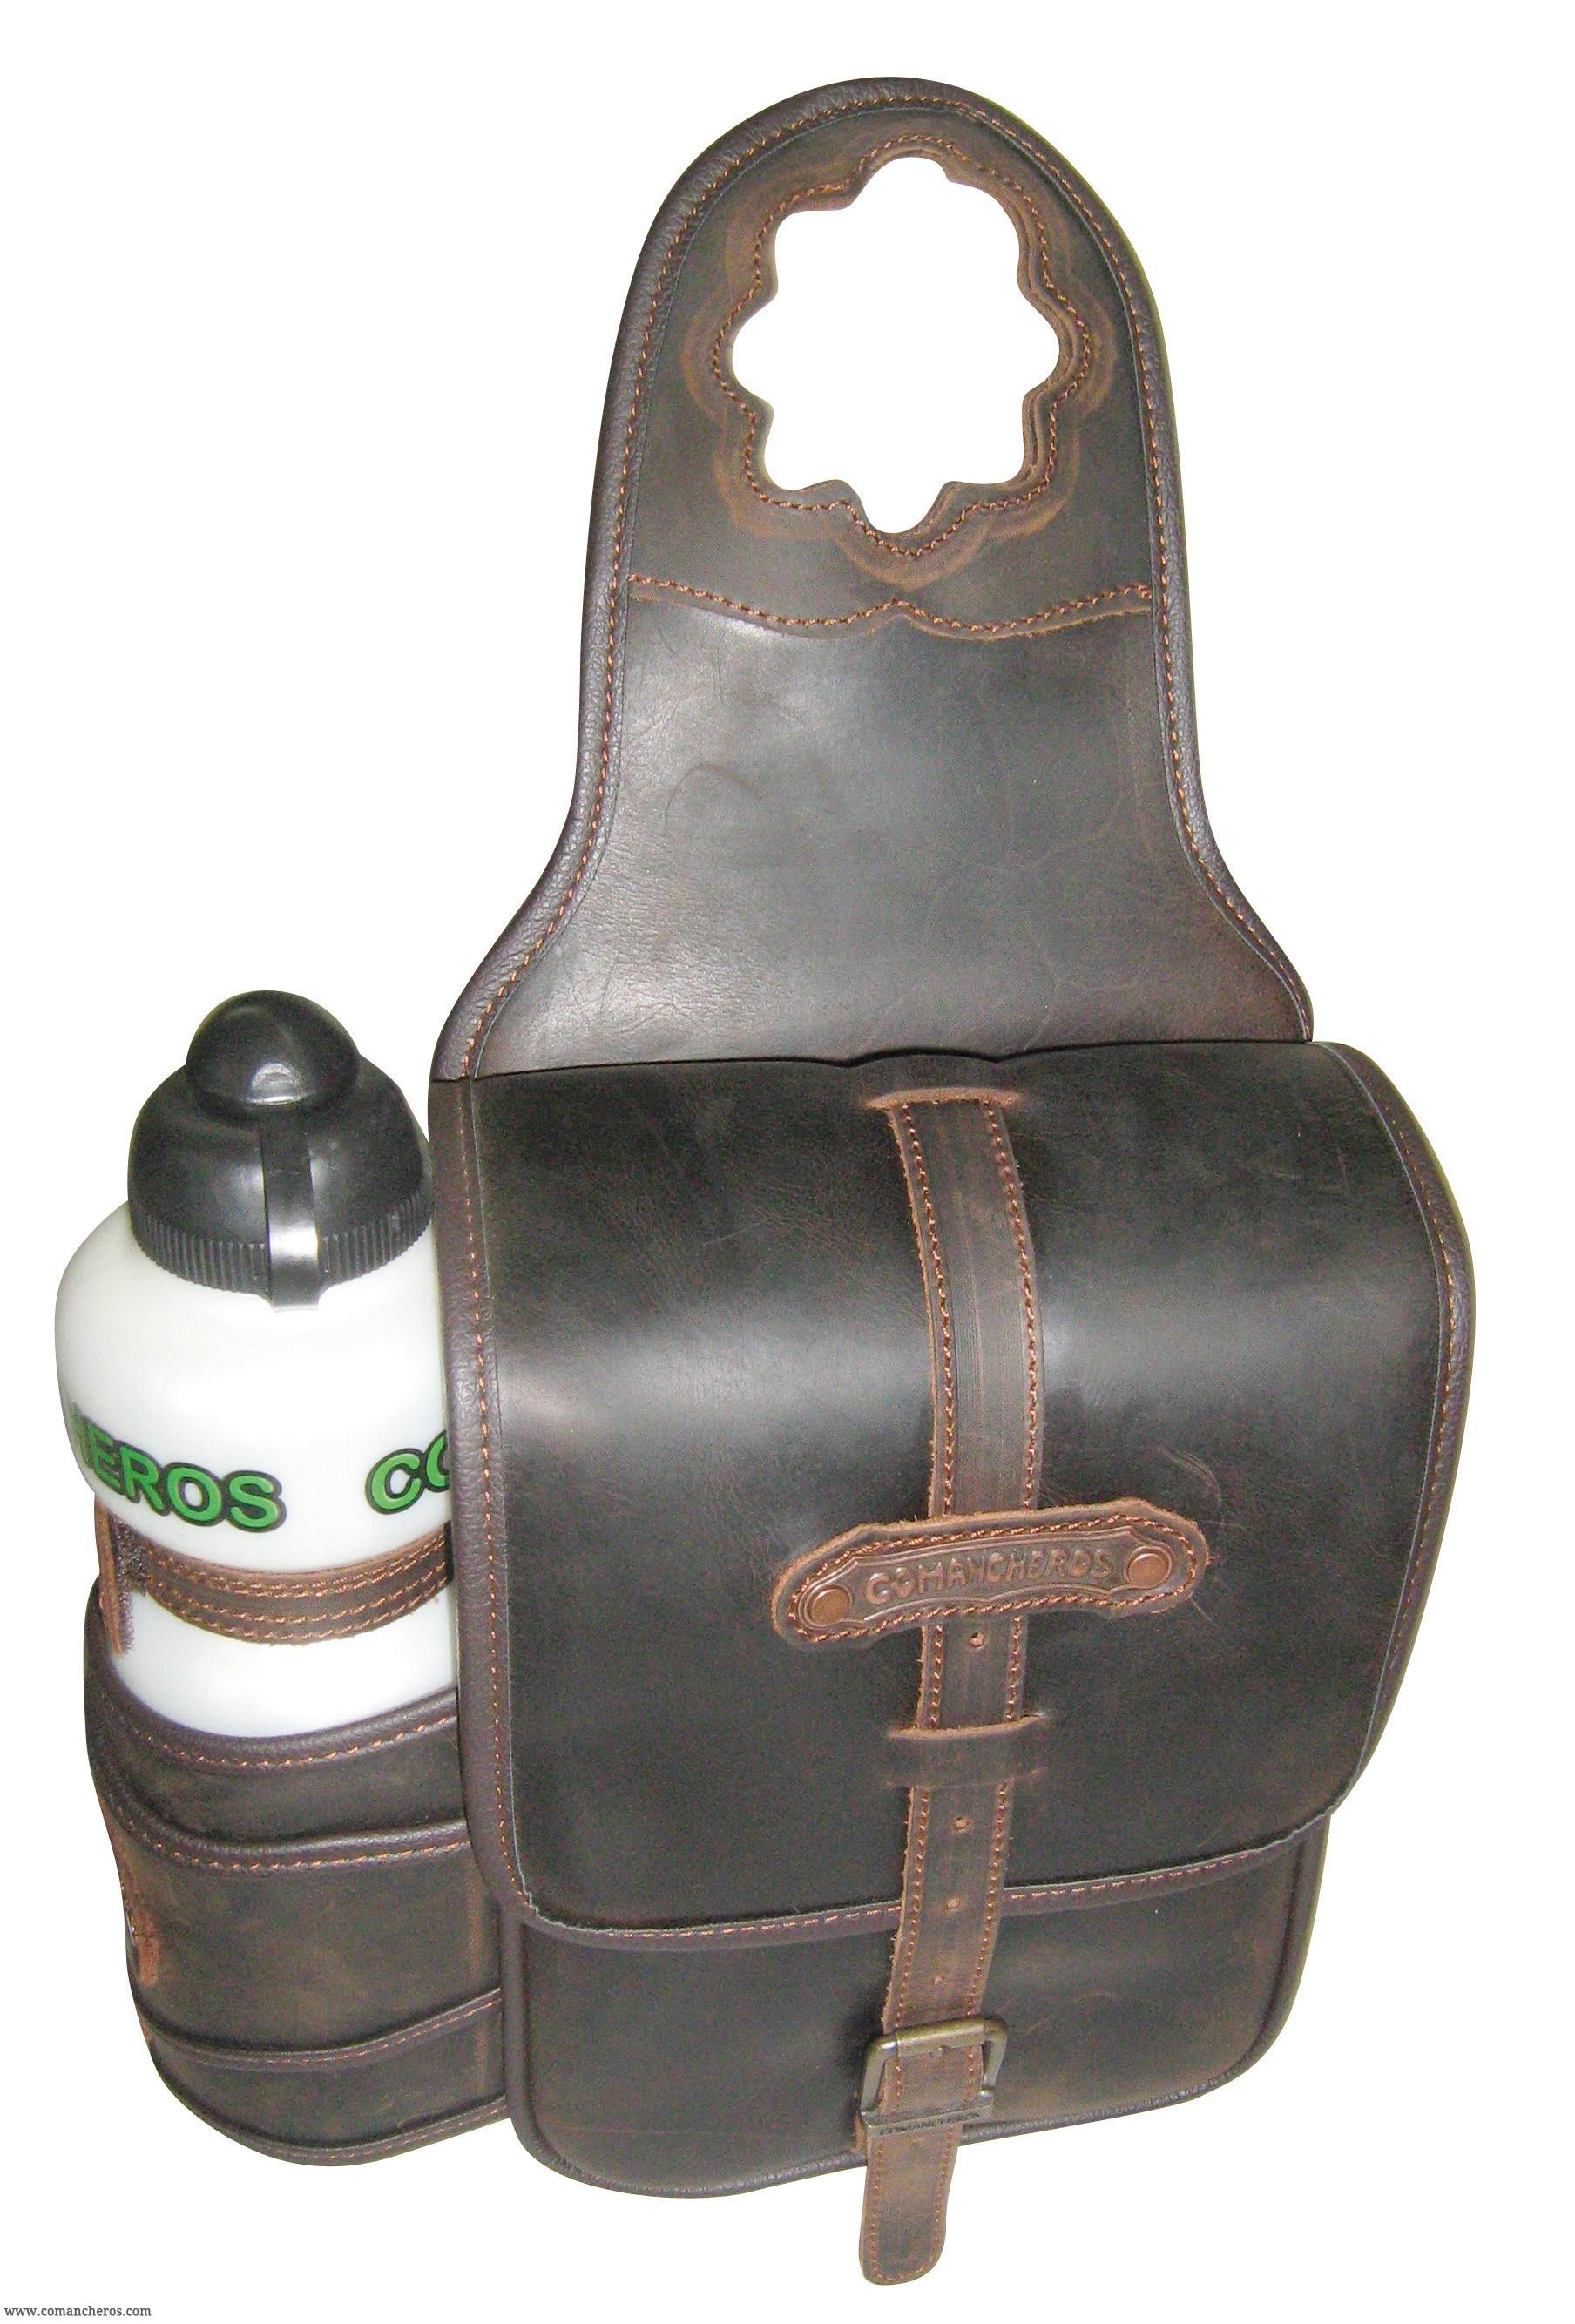 einzelne horn satteltasche comancheros aber ger umig und flasche aus gefettetem wasser. Black Bedroom Furniture Sets. Home Design Ideas